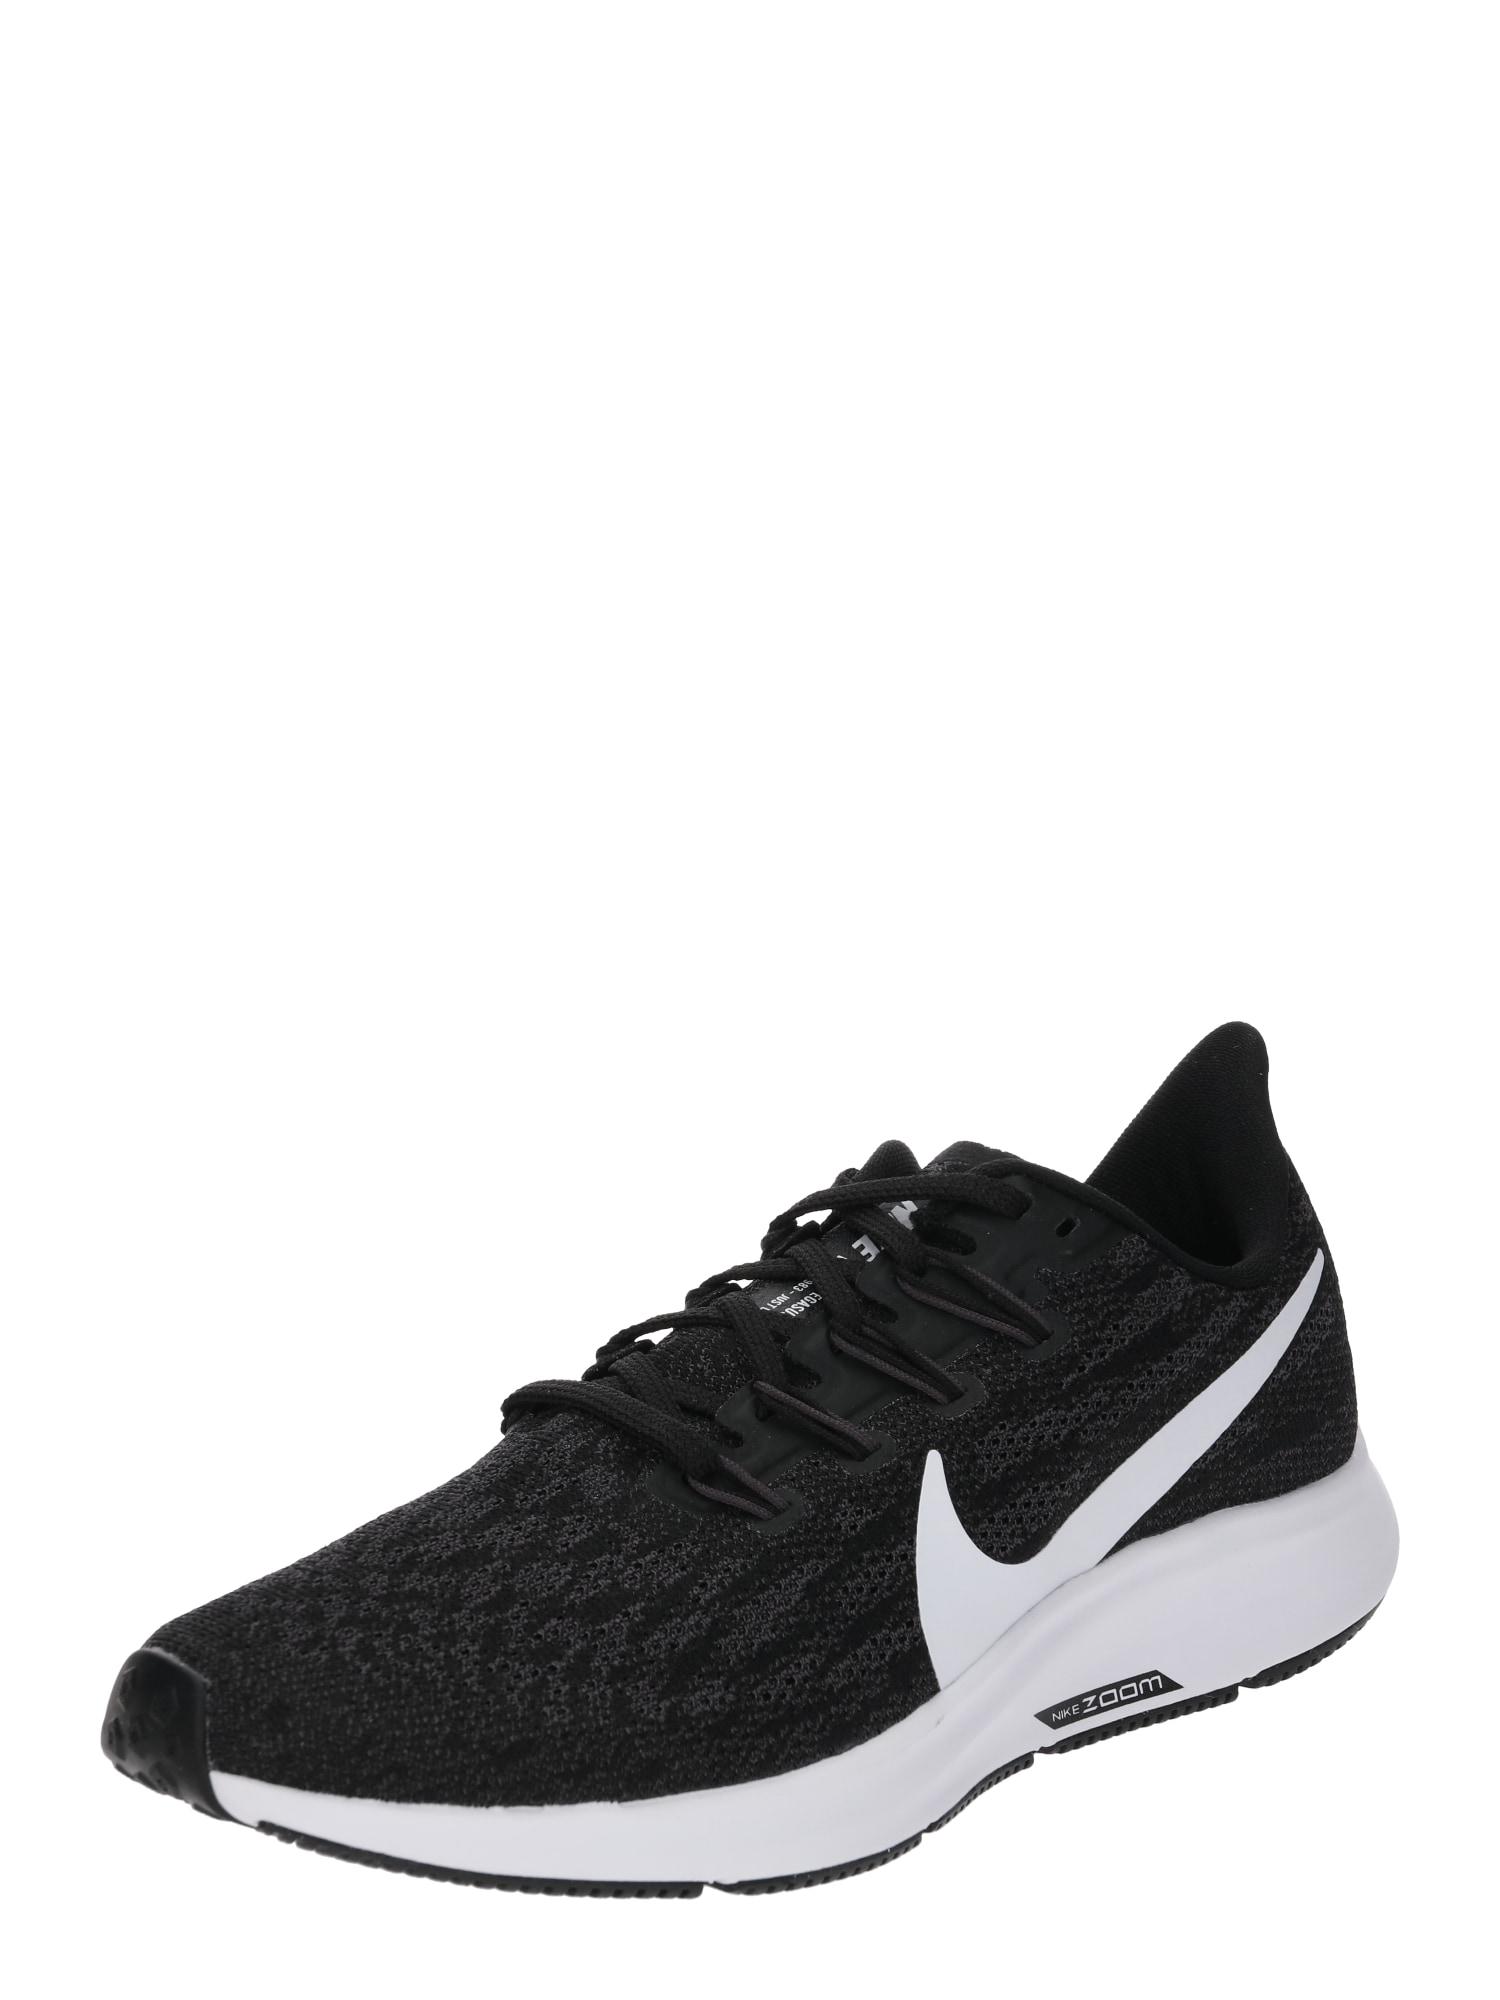 Běžecká obuv PEGASUS 36 černá bílá NIKE